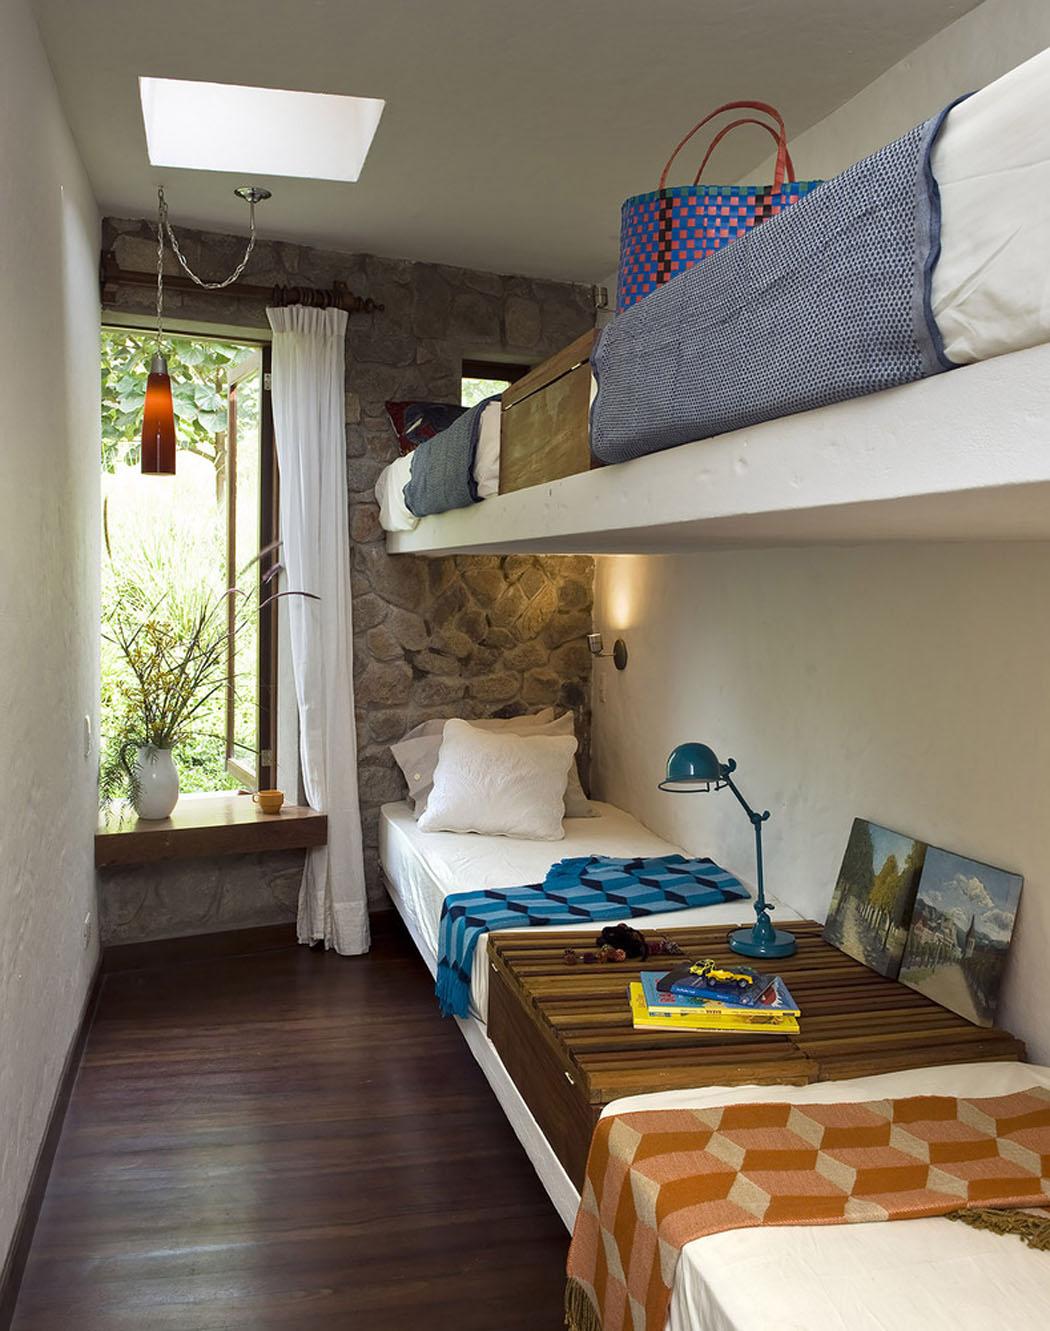 Maison rustique de luxe situ e au c ur de la nature p ruvienne vivons maison - Lit superpose petite taille ...